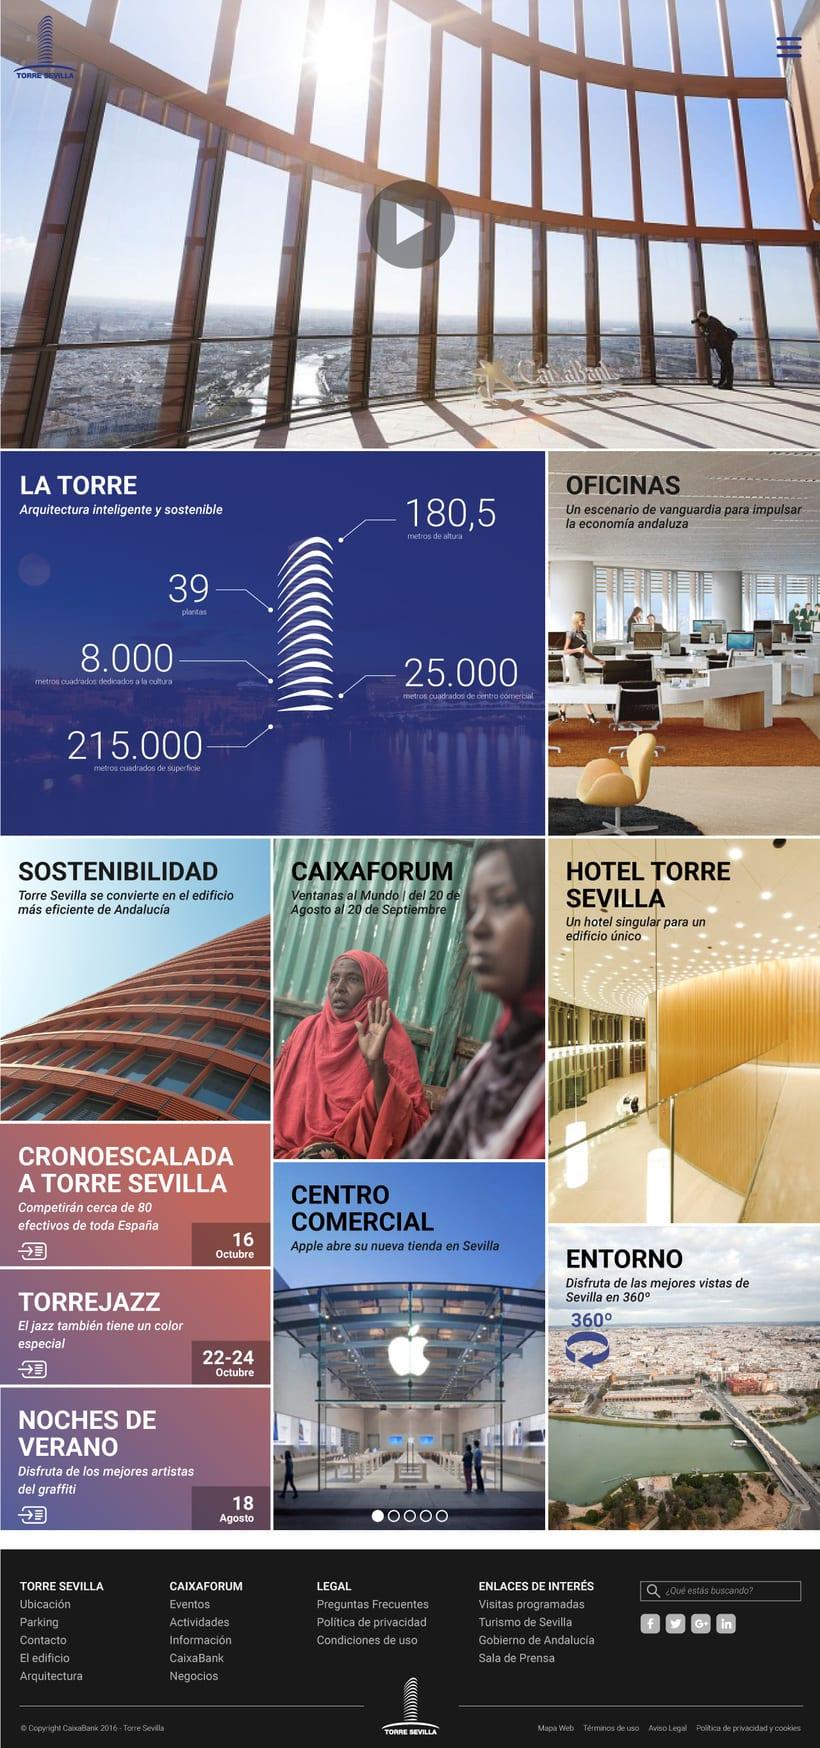 Proyecto presentado a Caixabank para el site de Torre Sevilla 1